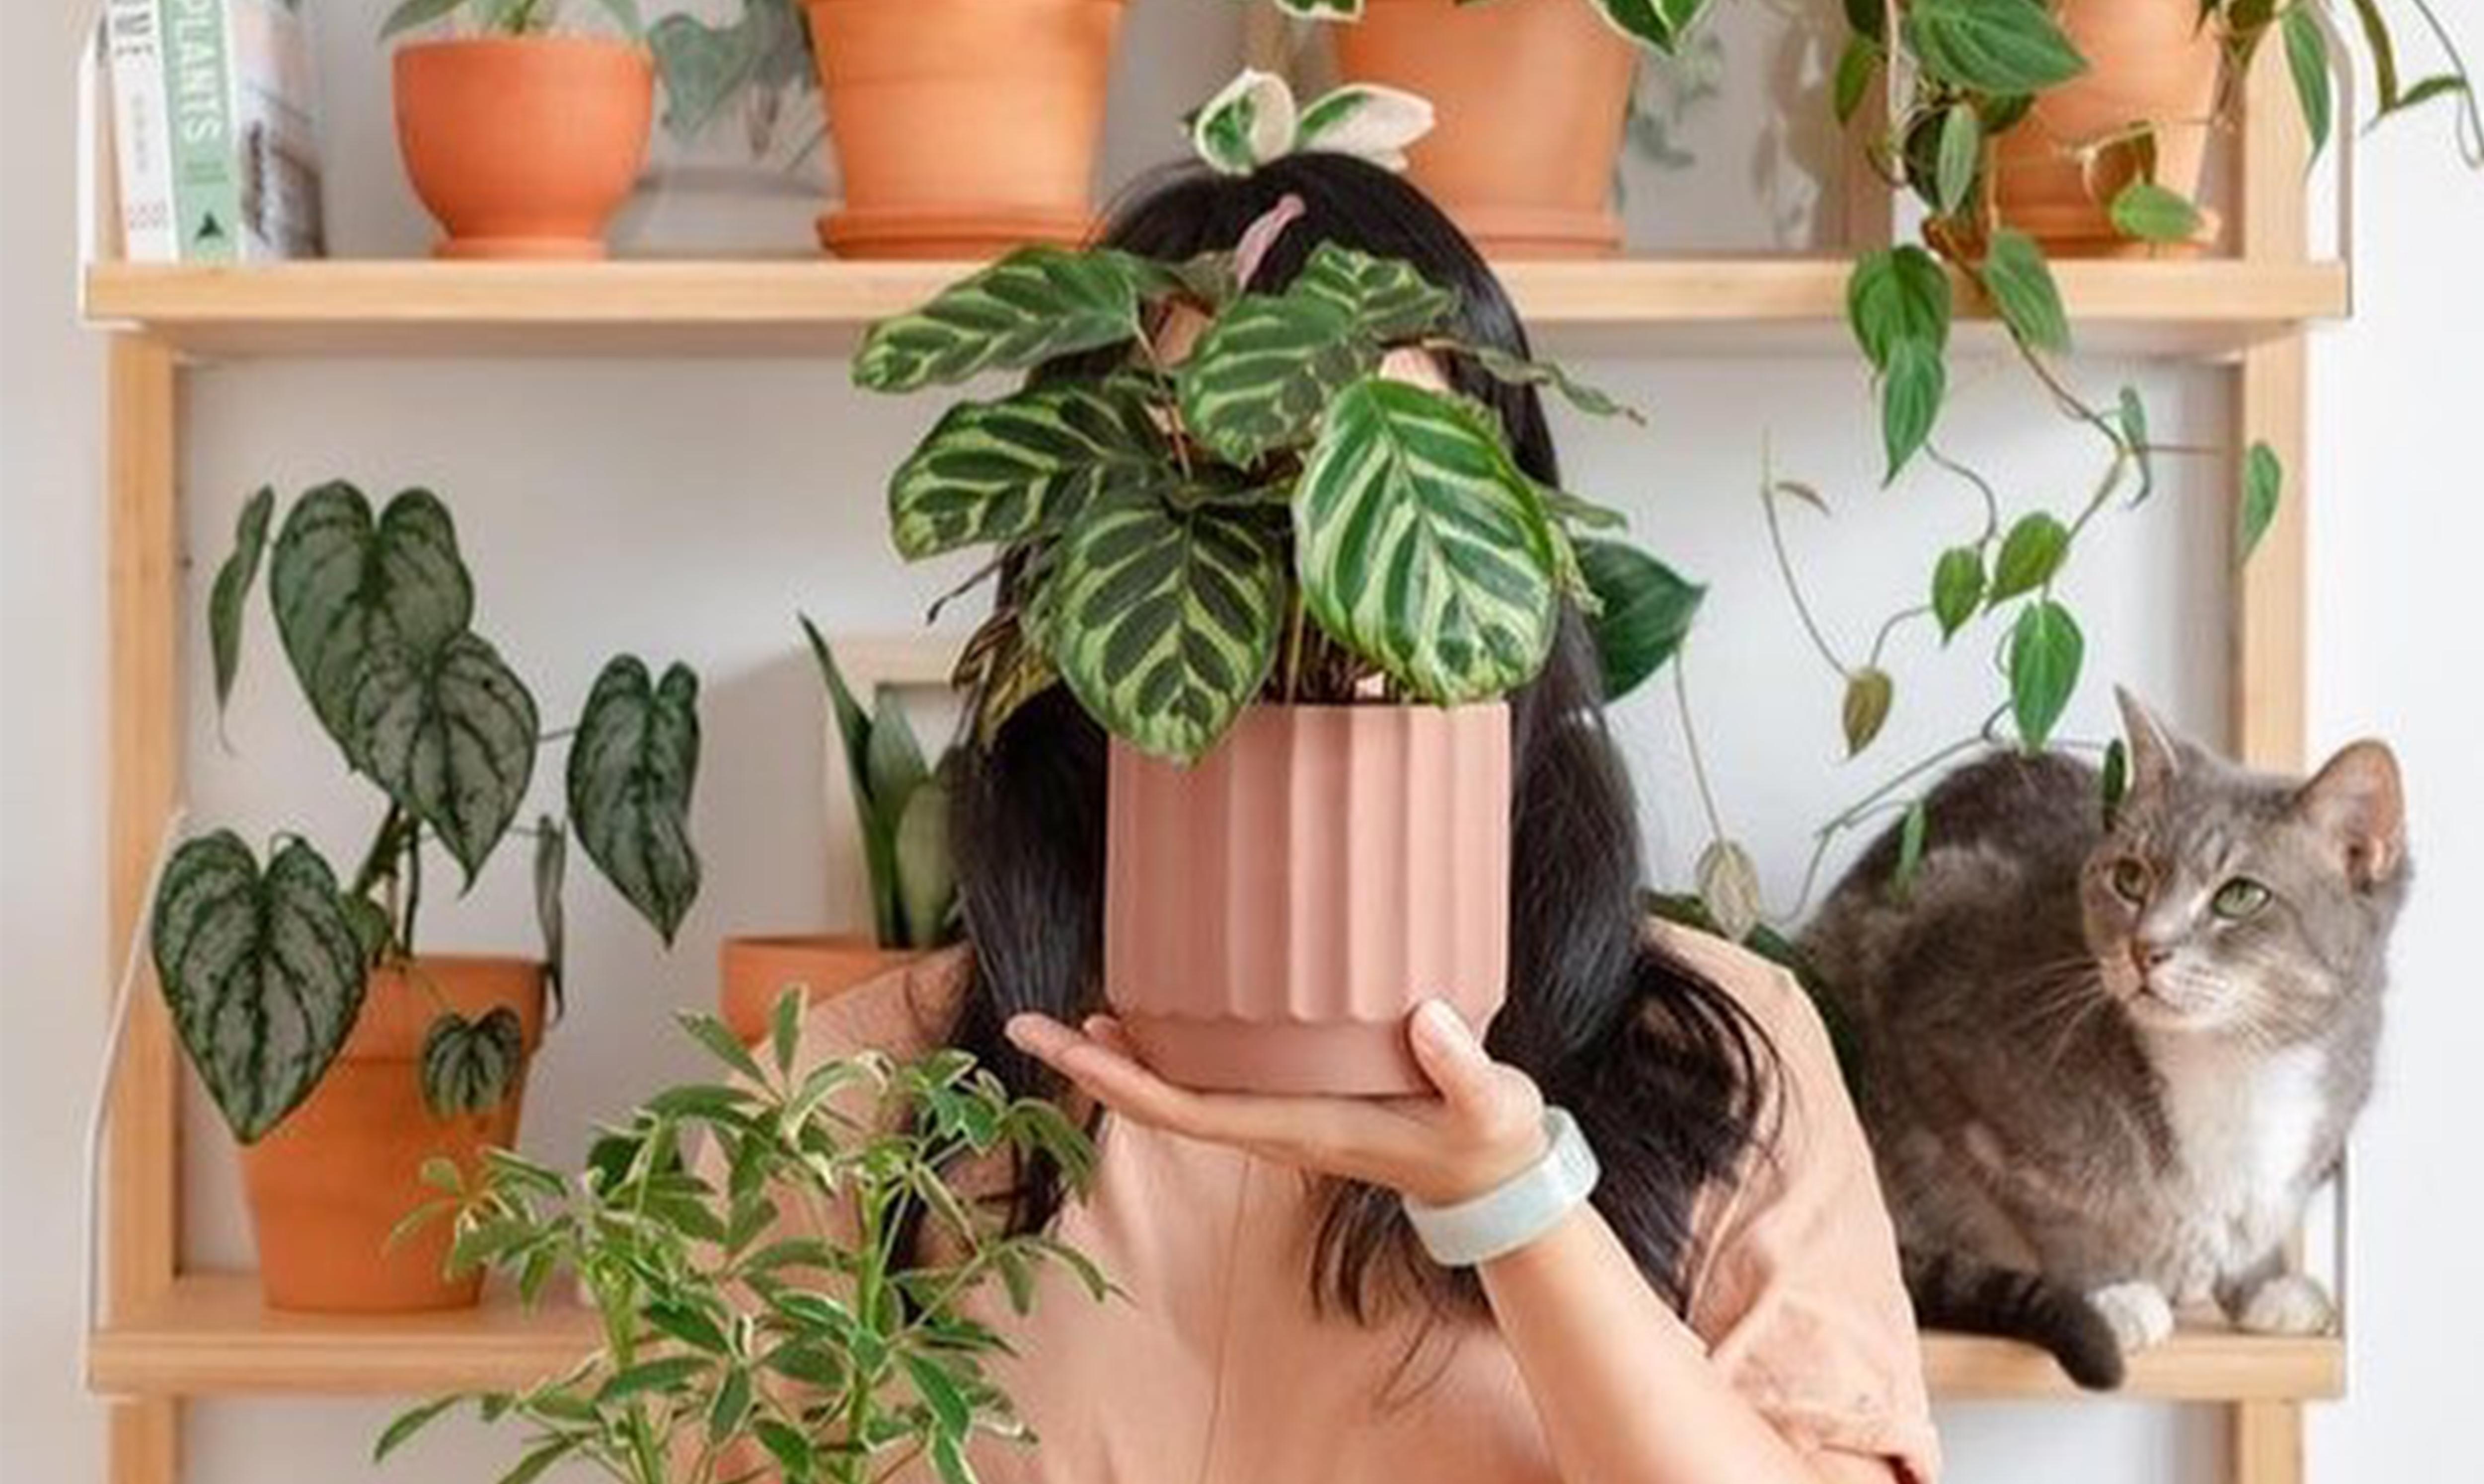 Цветочный своп, грин-маркет: фестиваль домашних растений в Екатеринбурге